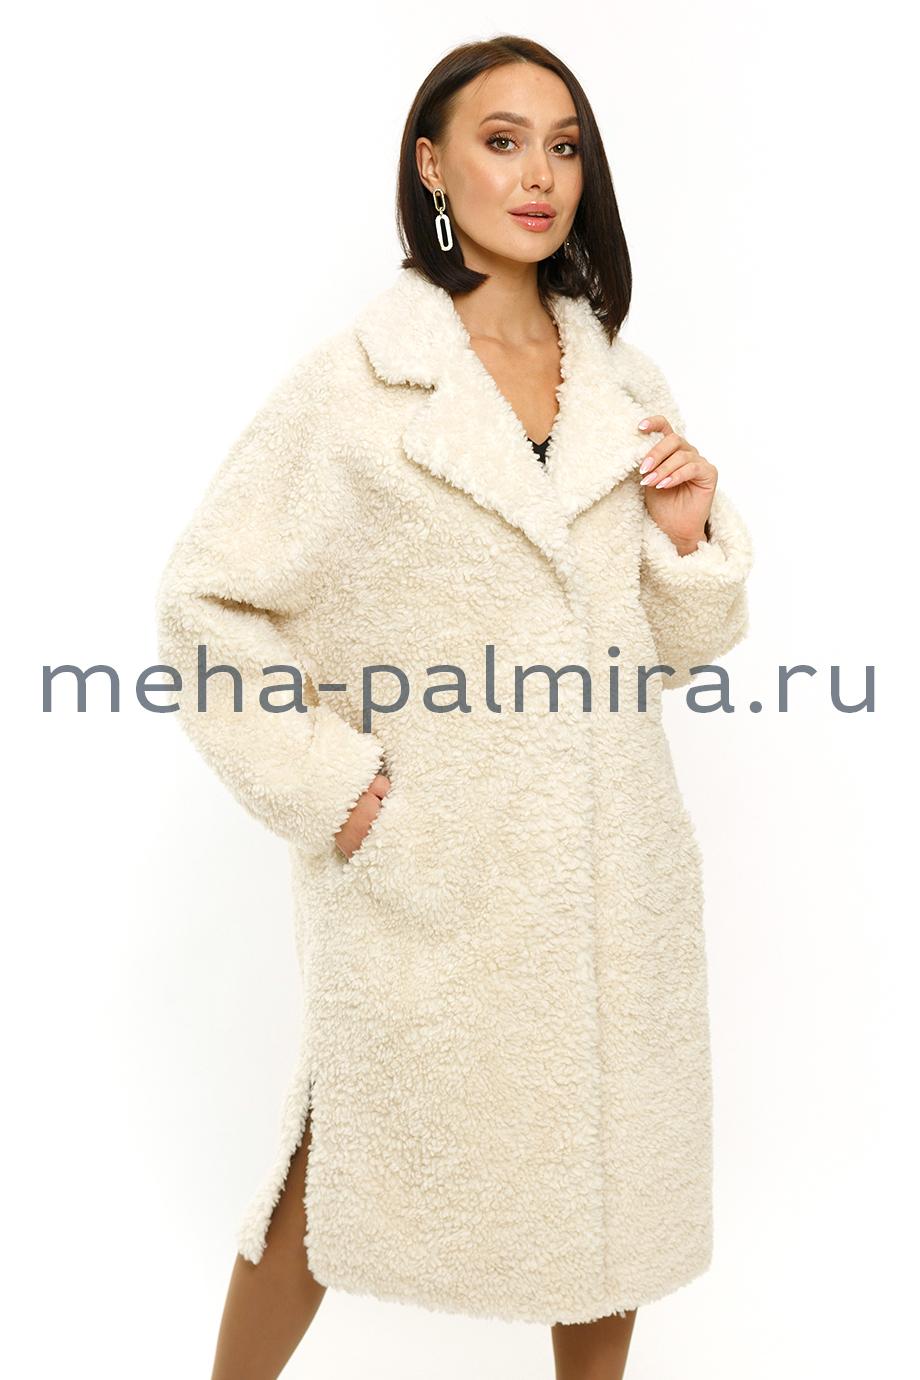 Женское пальто из шерсти мериноса с поясом в белом цвете